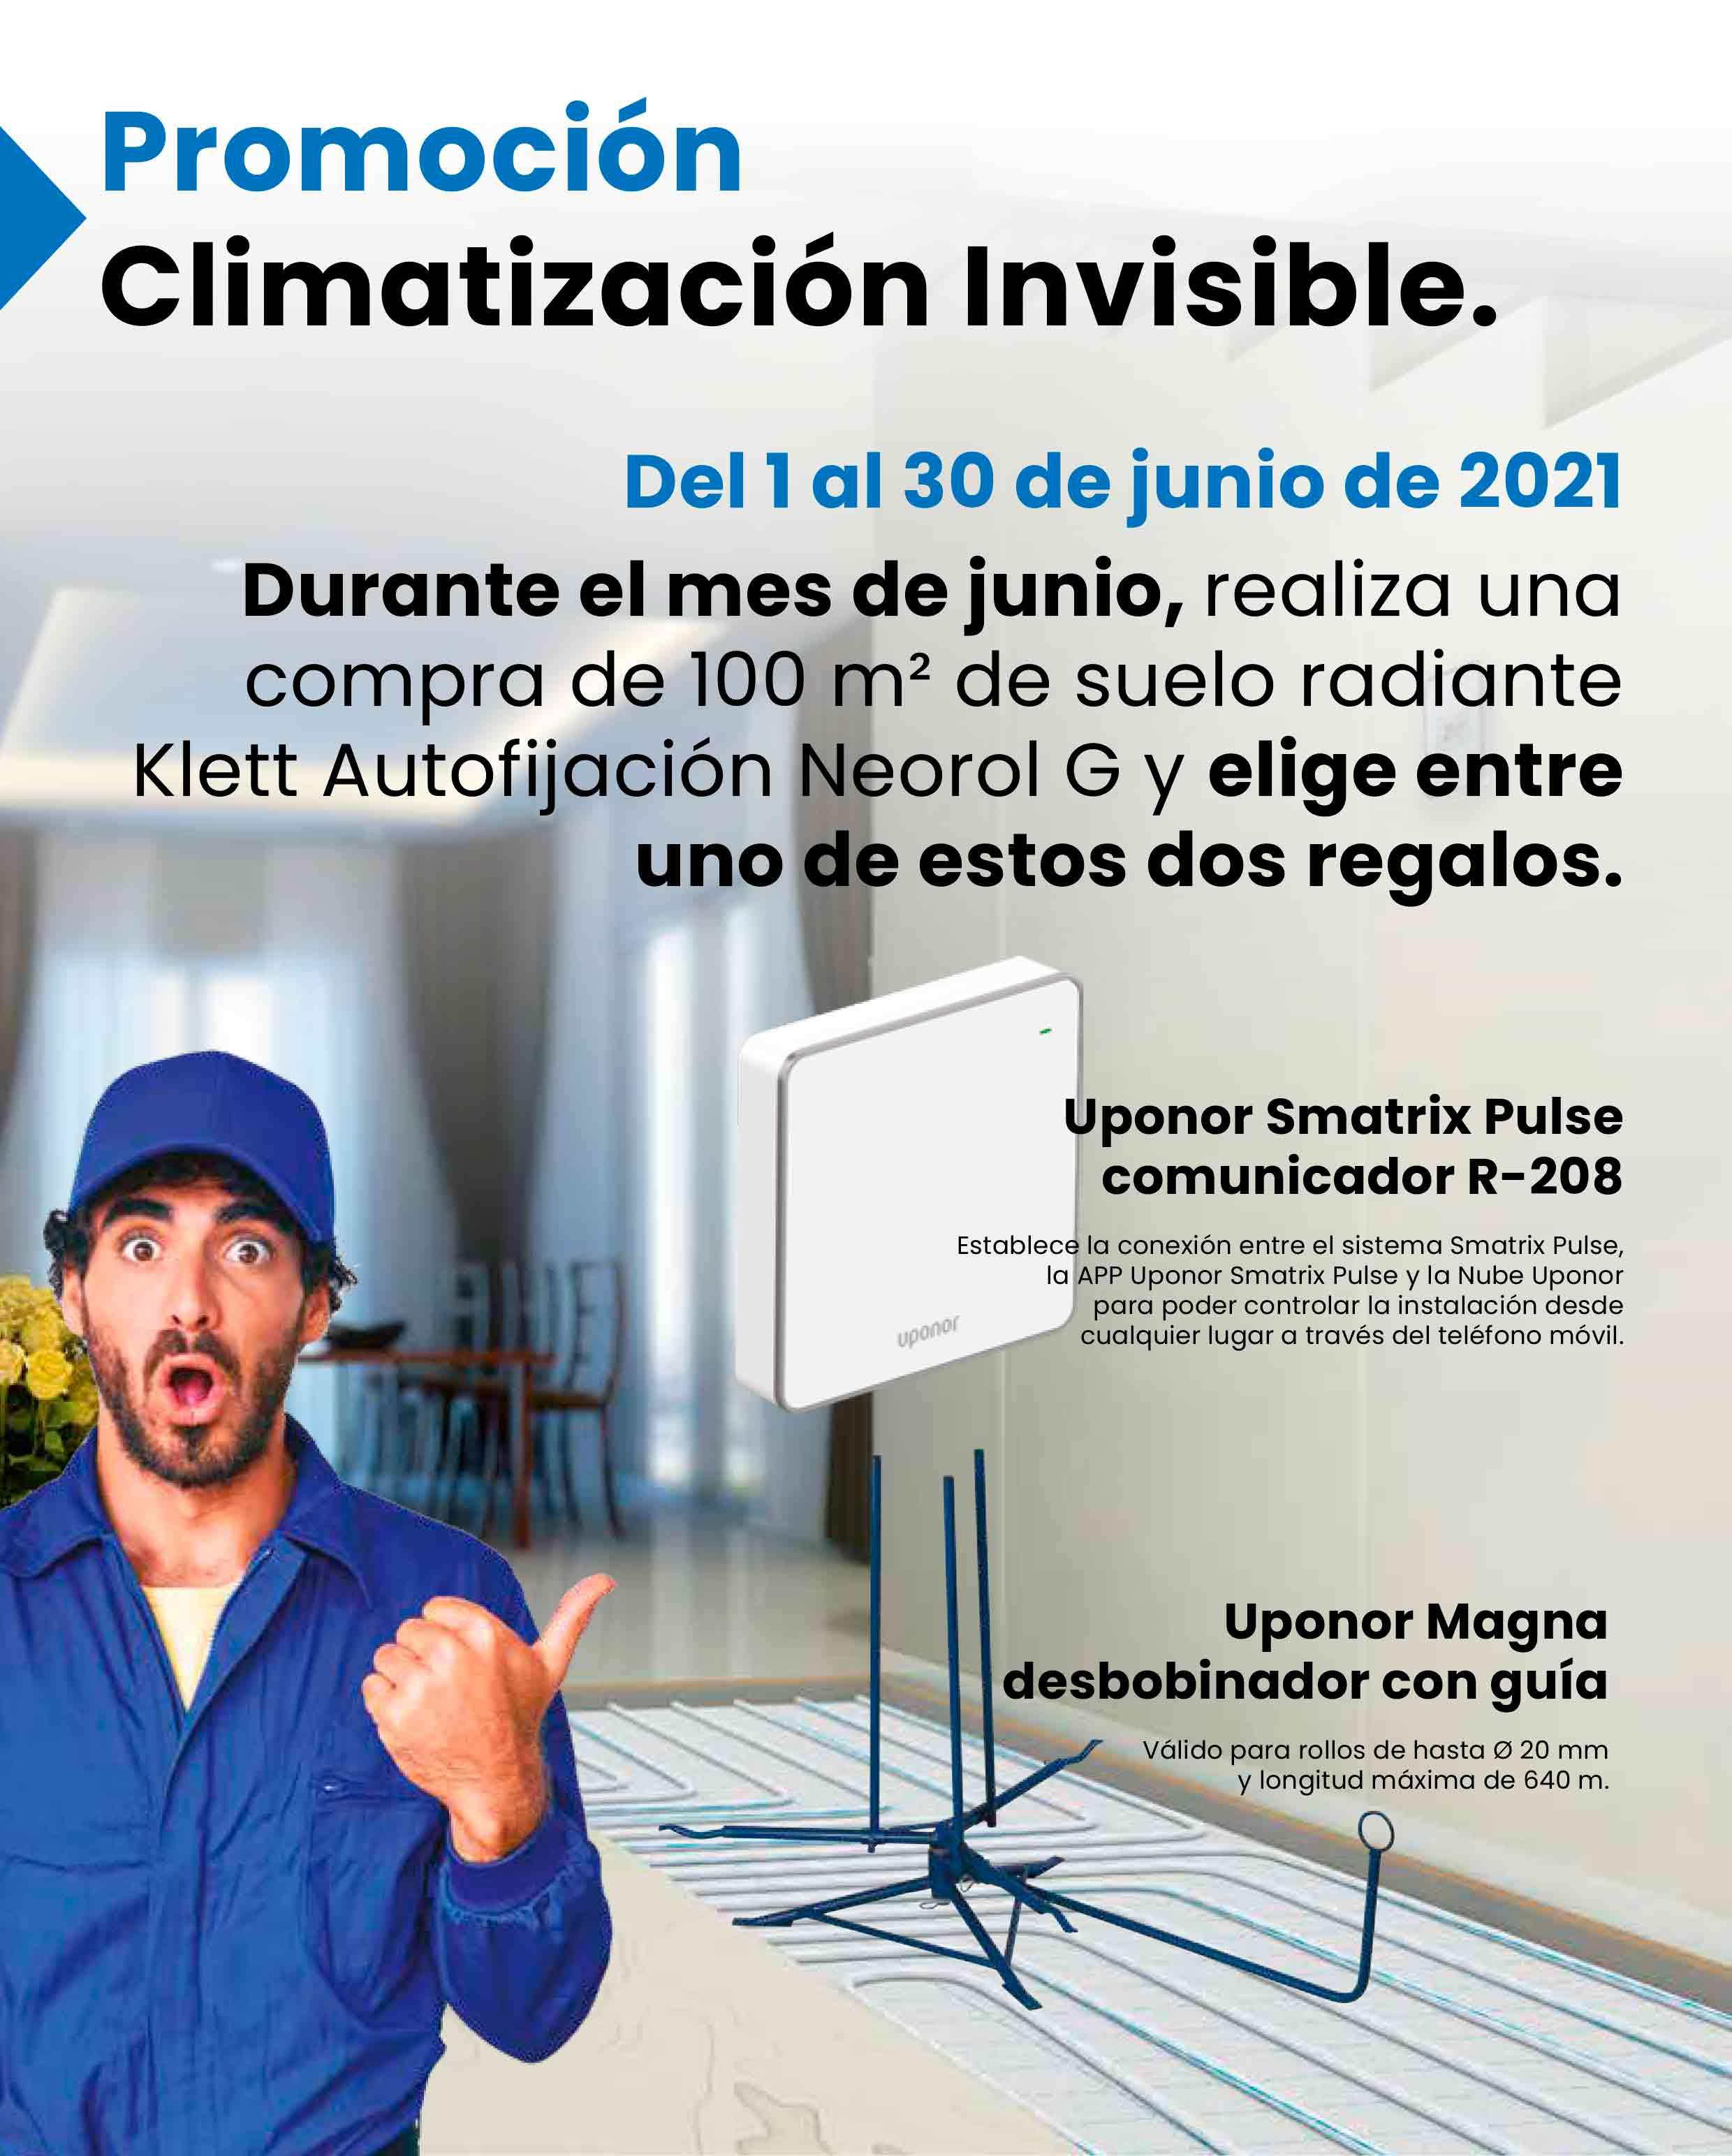 Promoción Climatización Invisible Uponor